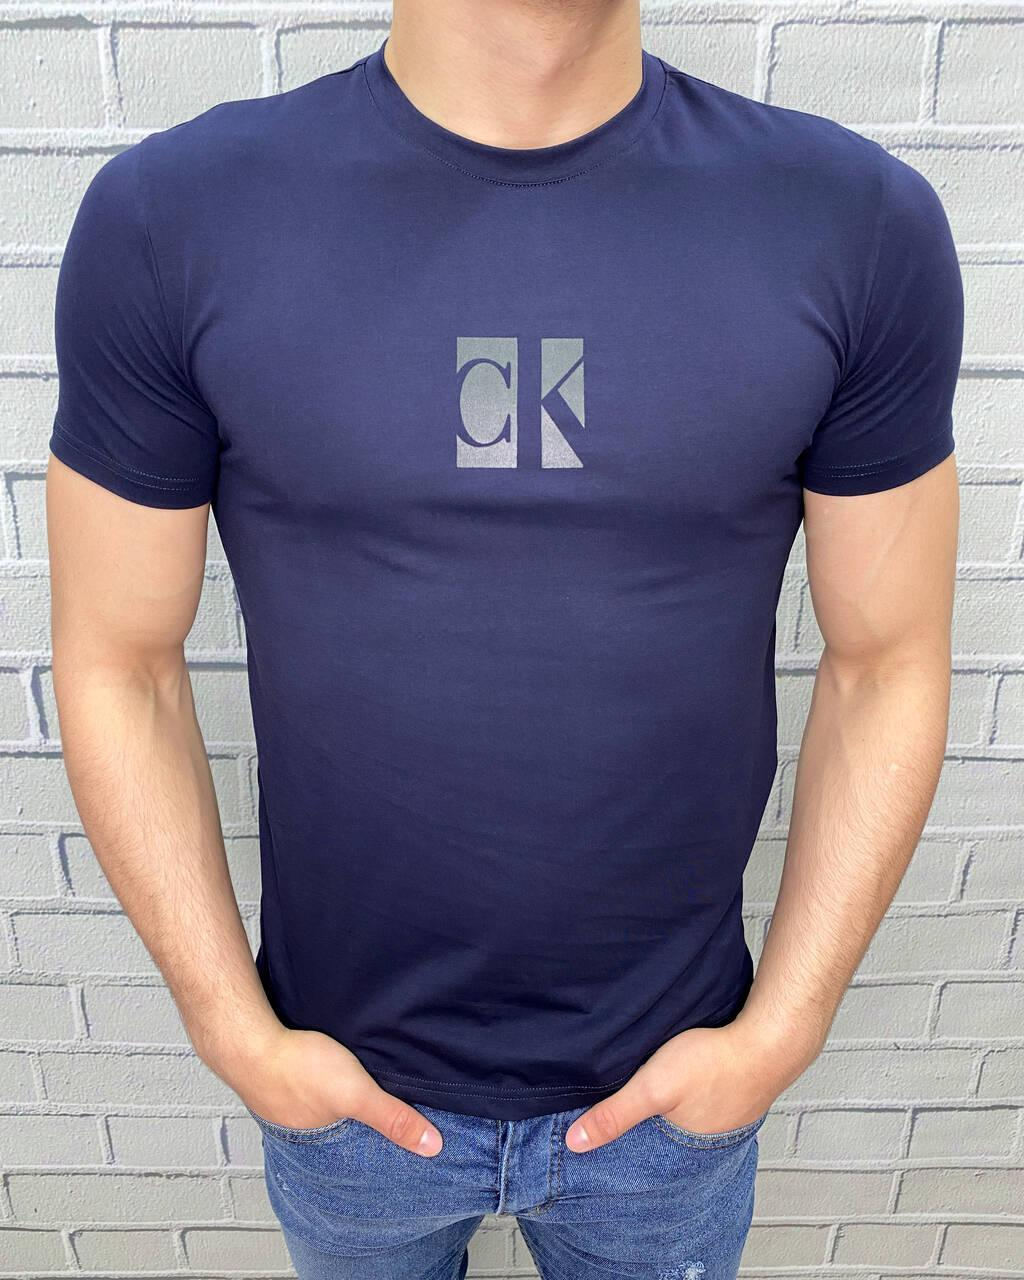 Чоловіча футболка Calvin Klein Темно-синя Ідеальна посадка Трикотаж Келвін кляйн